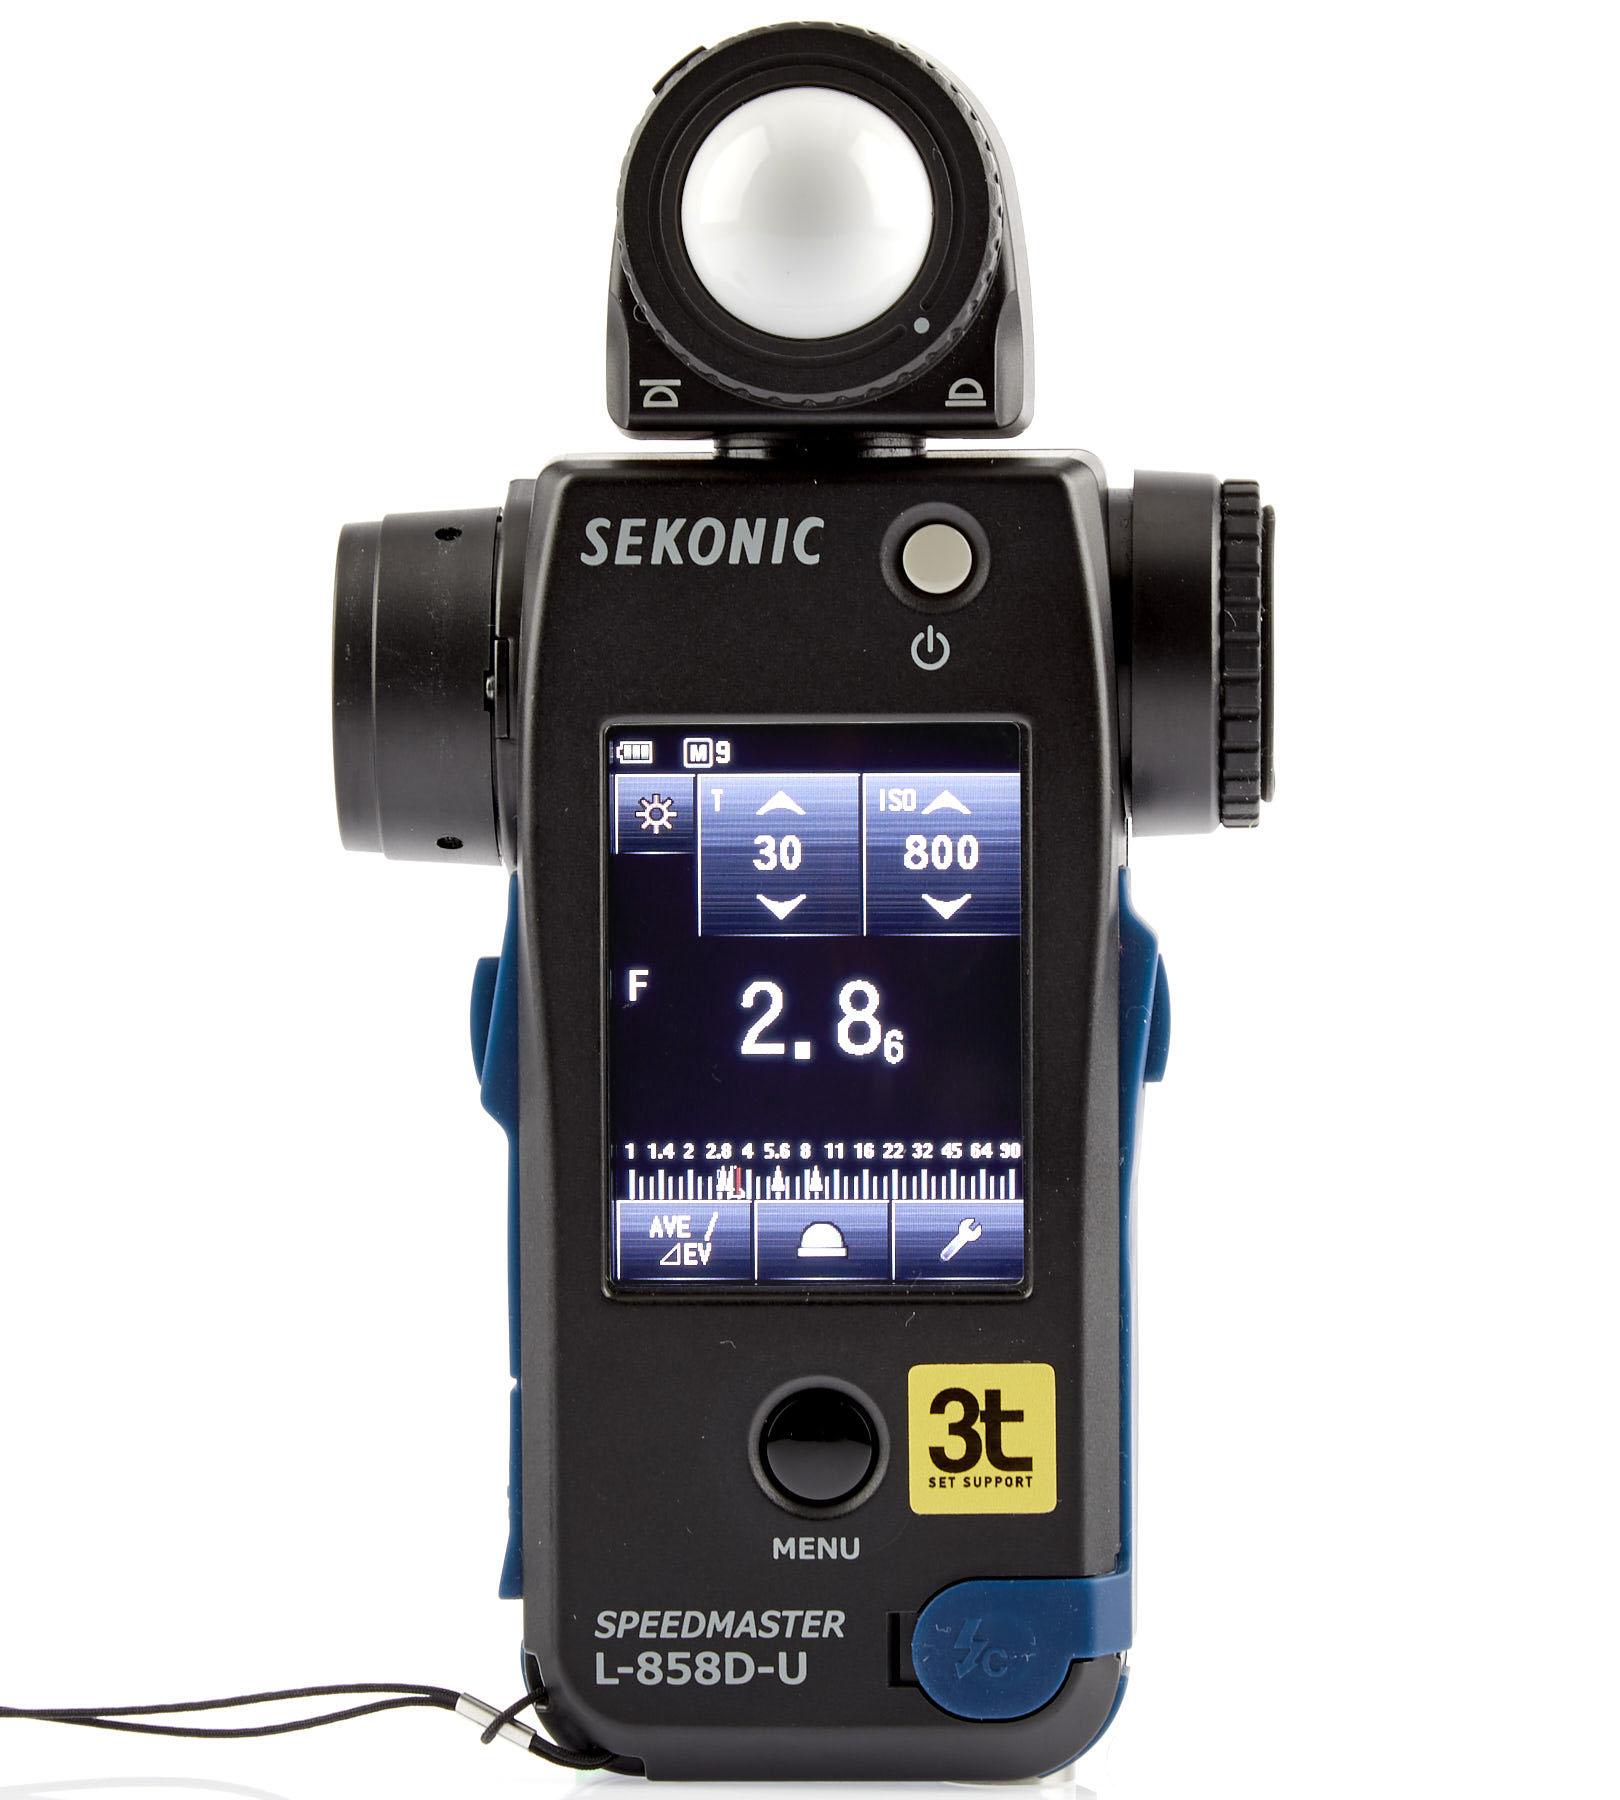 Fotômetro Sekonic Speedmaster L-858D-U